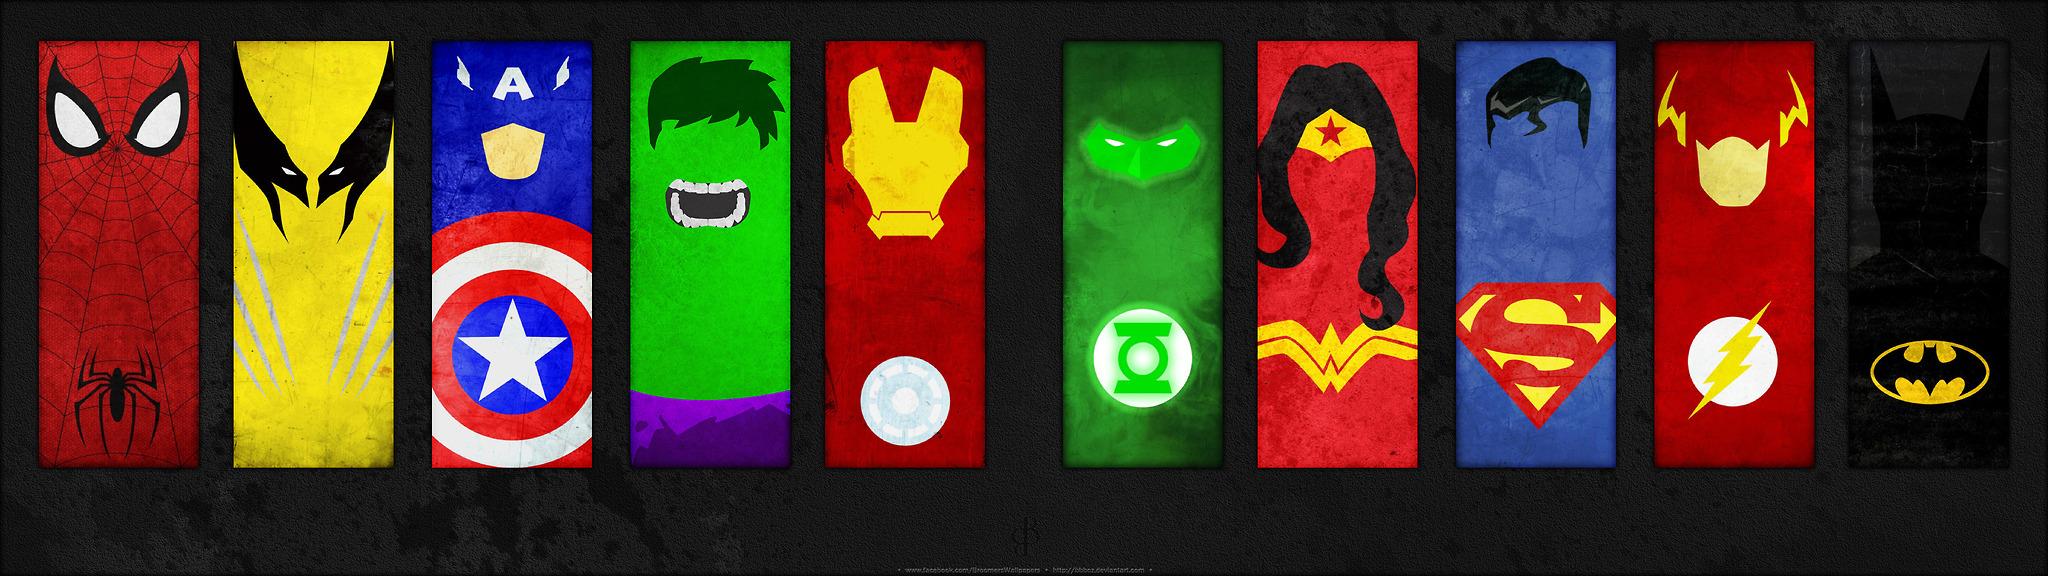 Marvel Superhero Logos Wallpaper